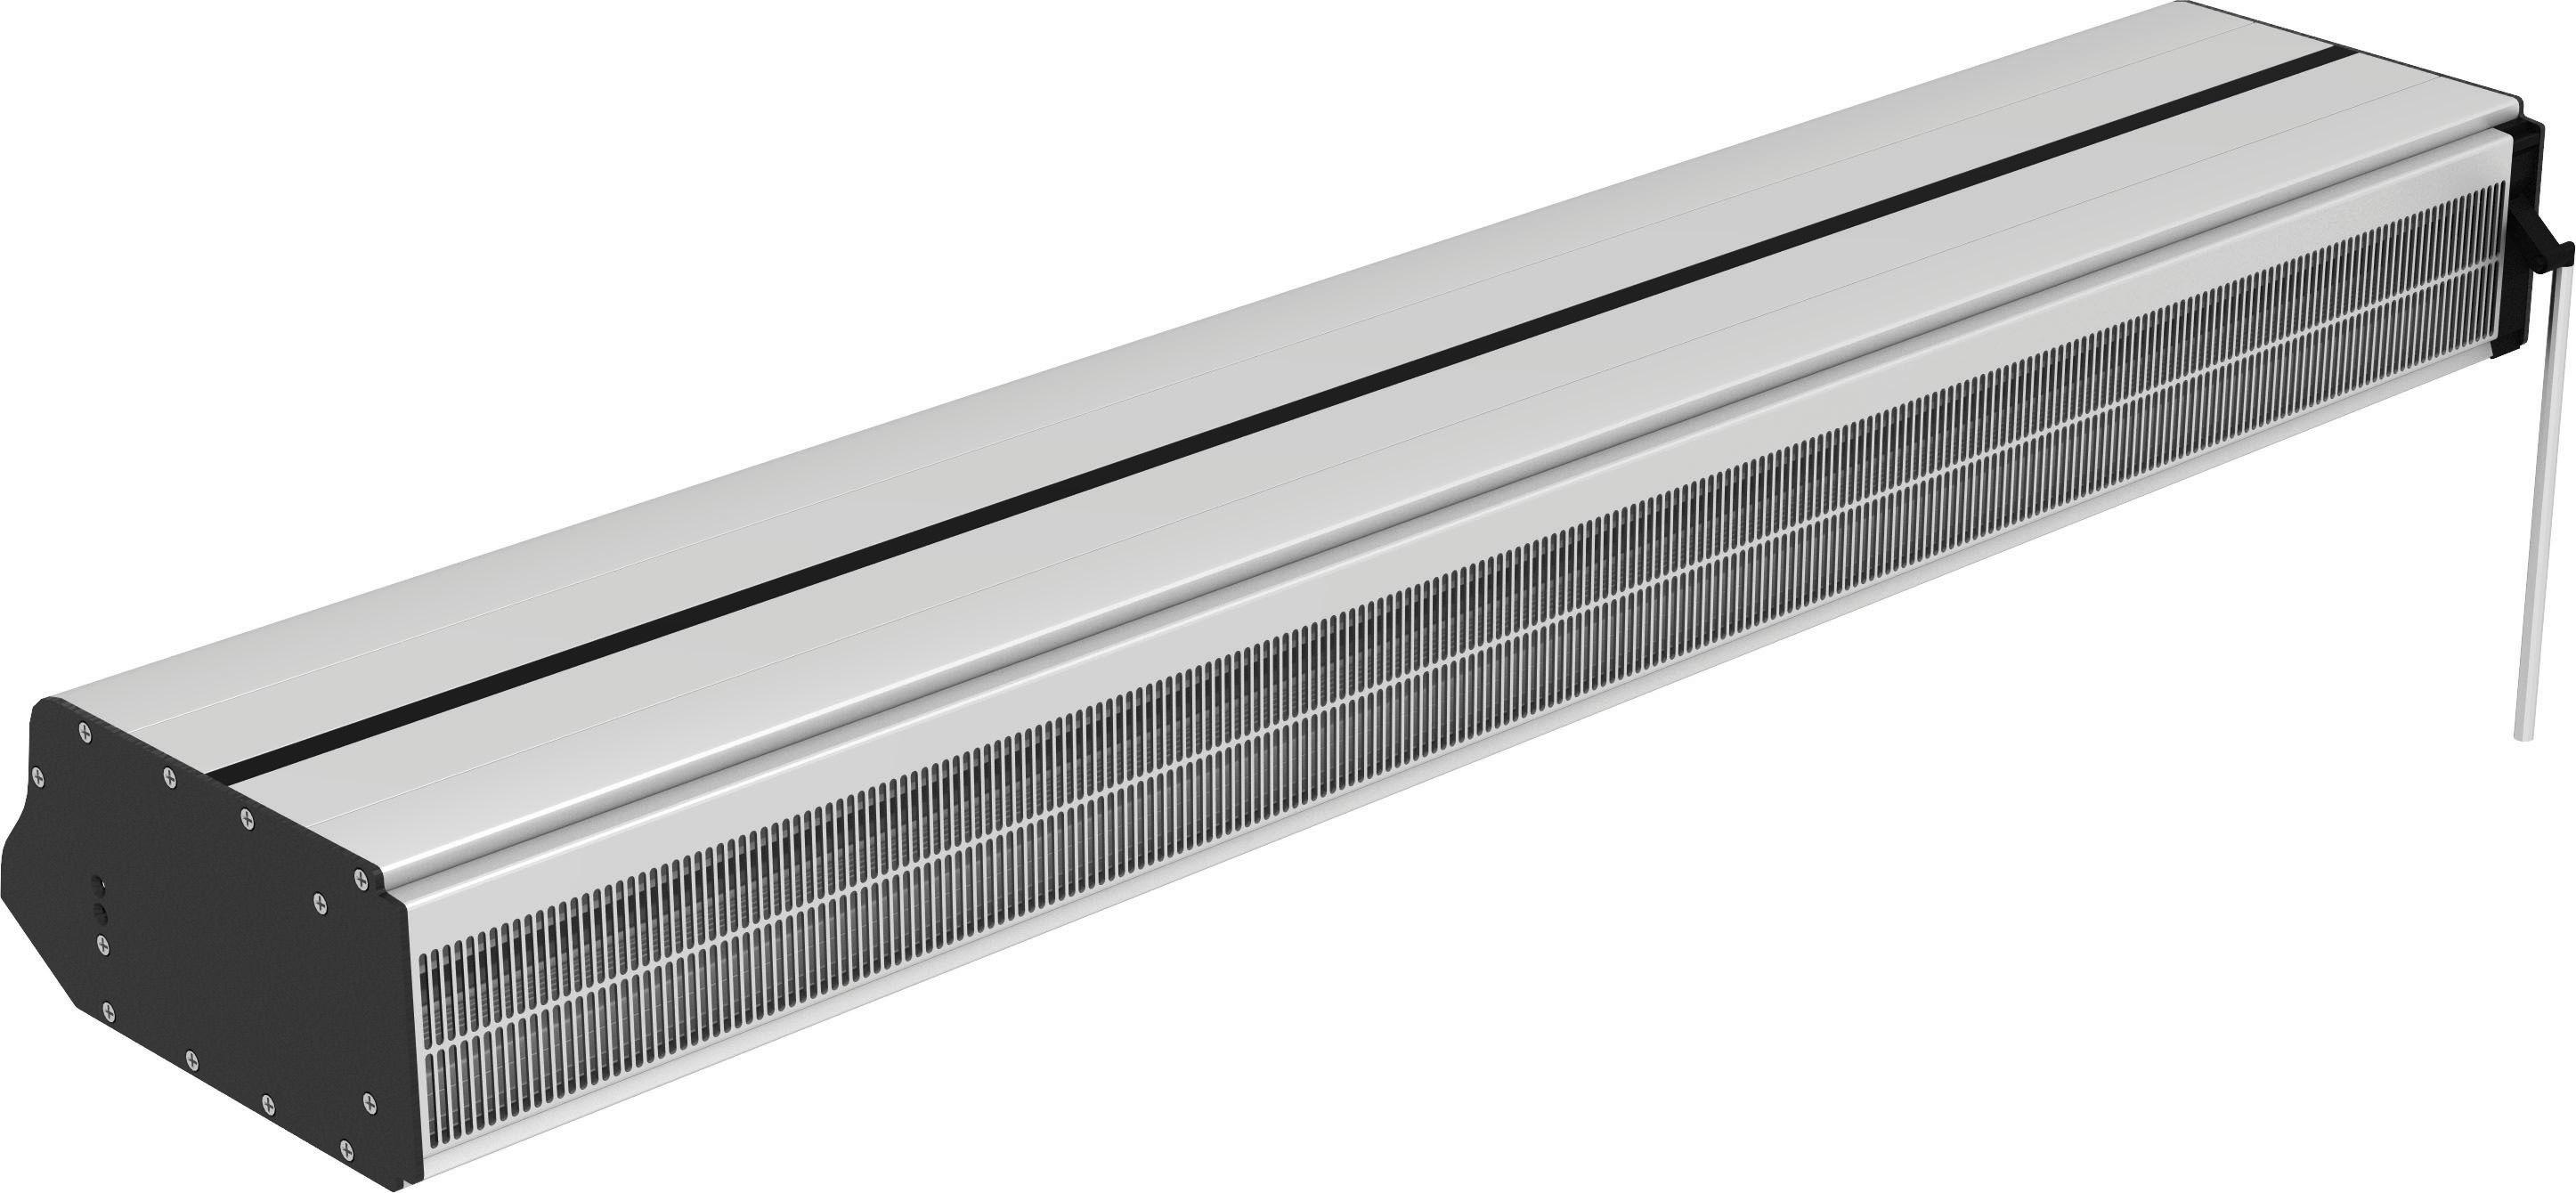 Aérateur De Fenêtre Acoustique à Coupure Thermique Autoréglable